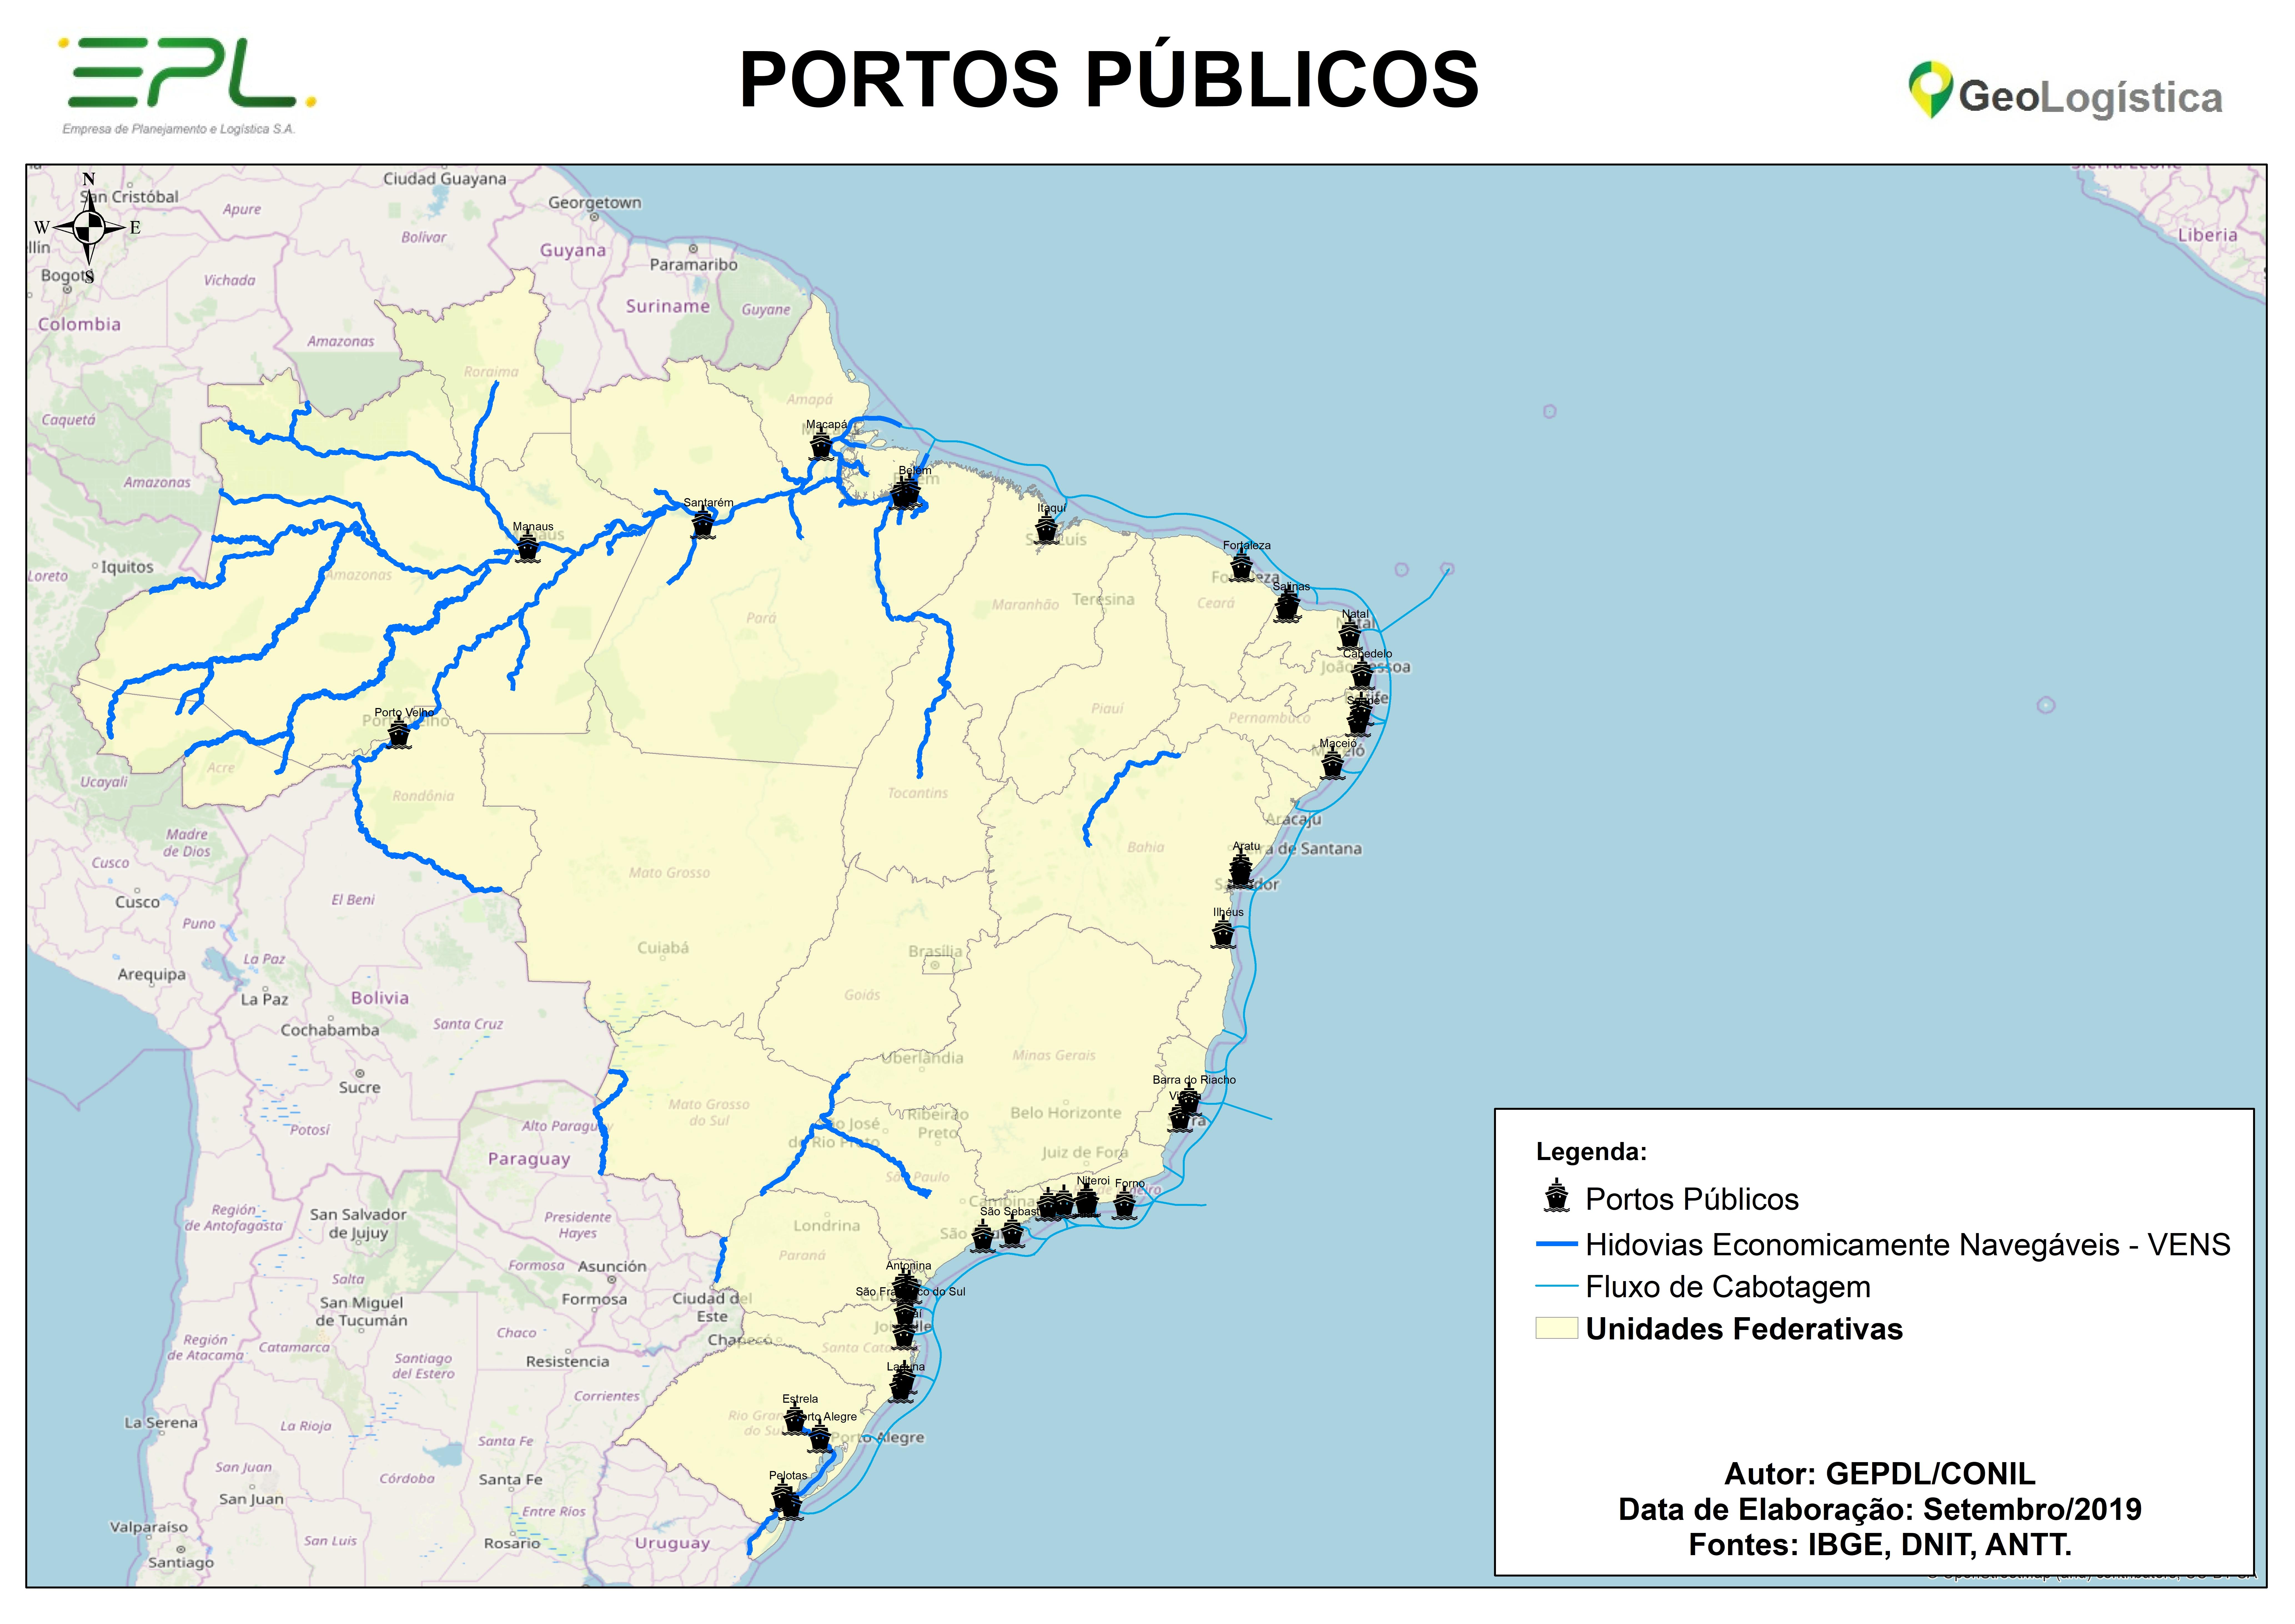 Mapa de Portos Públicos